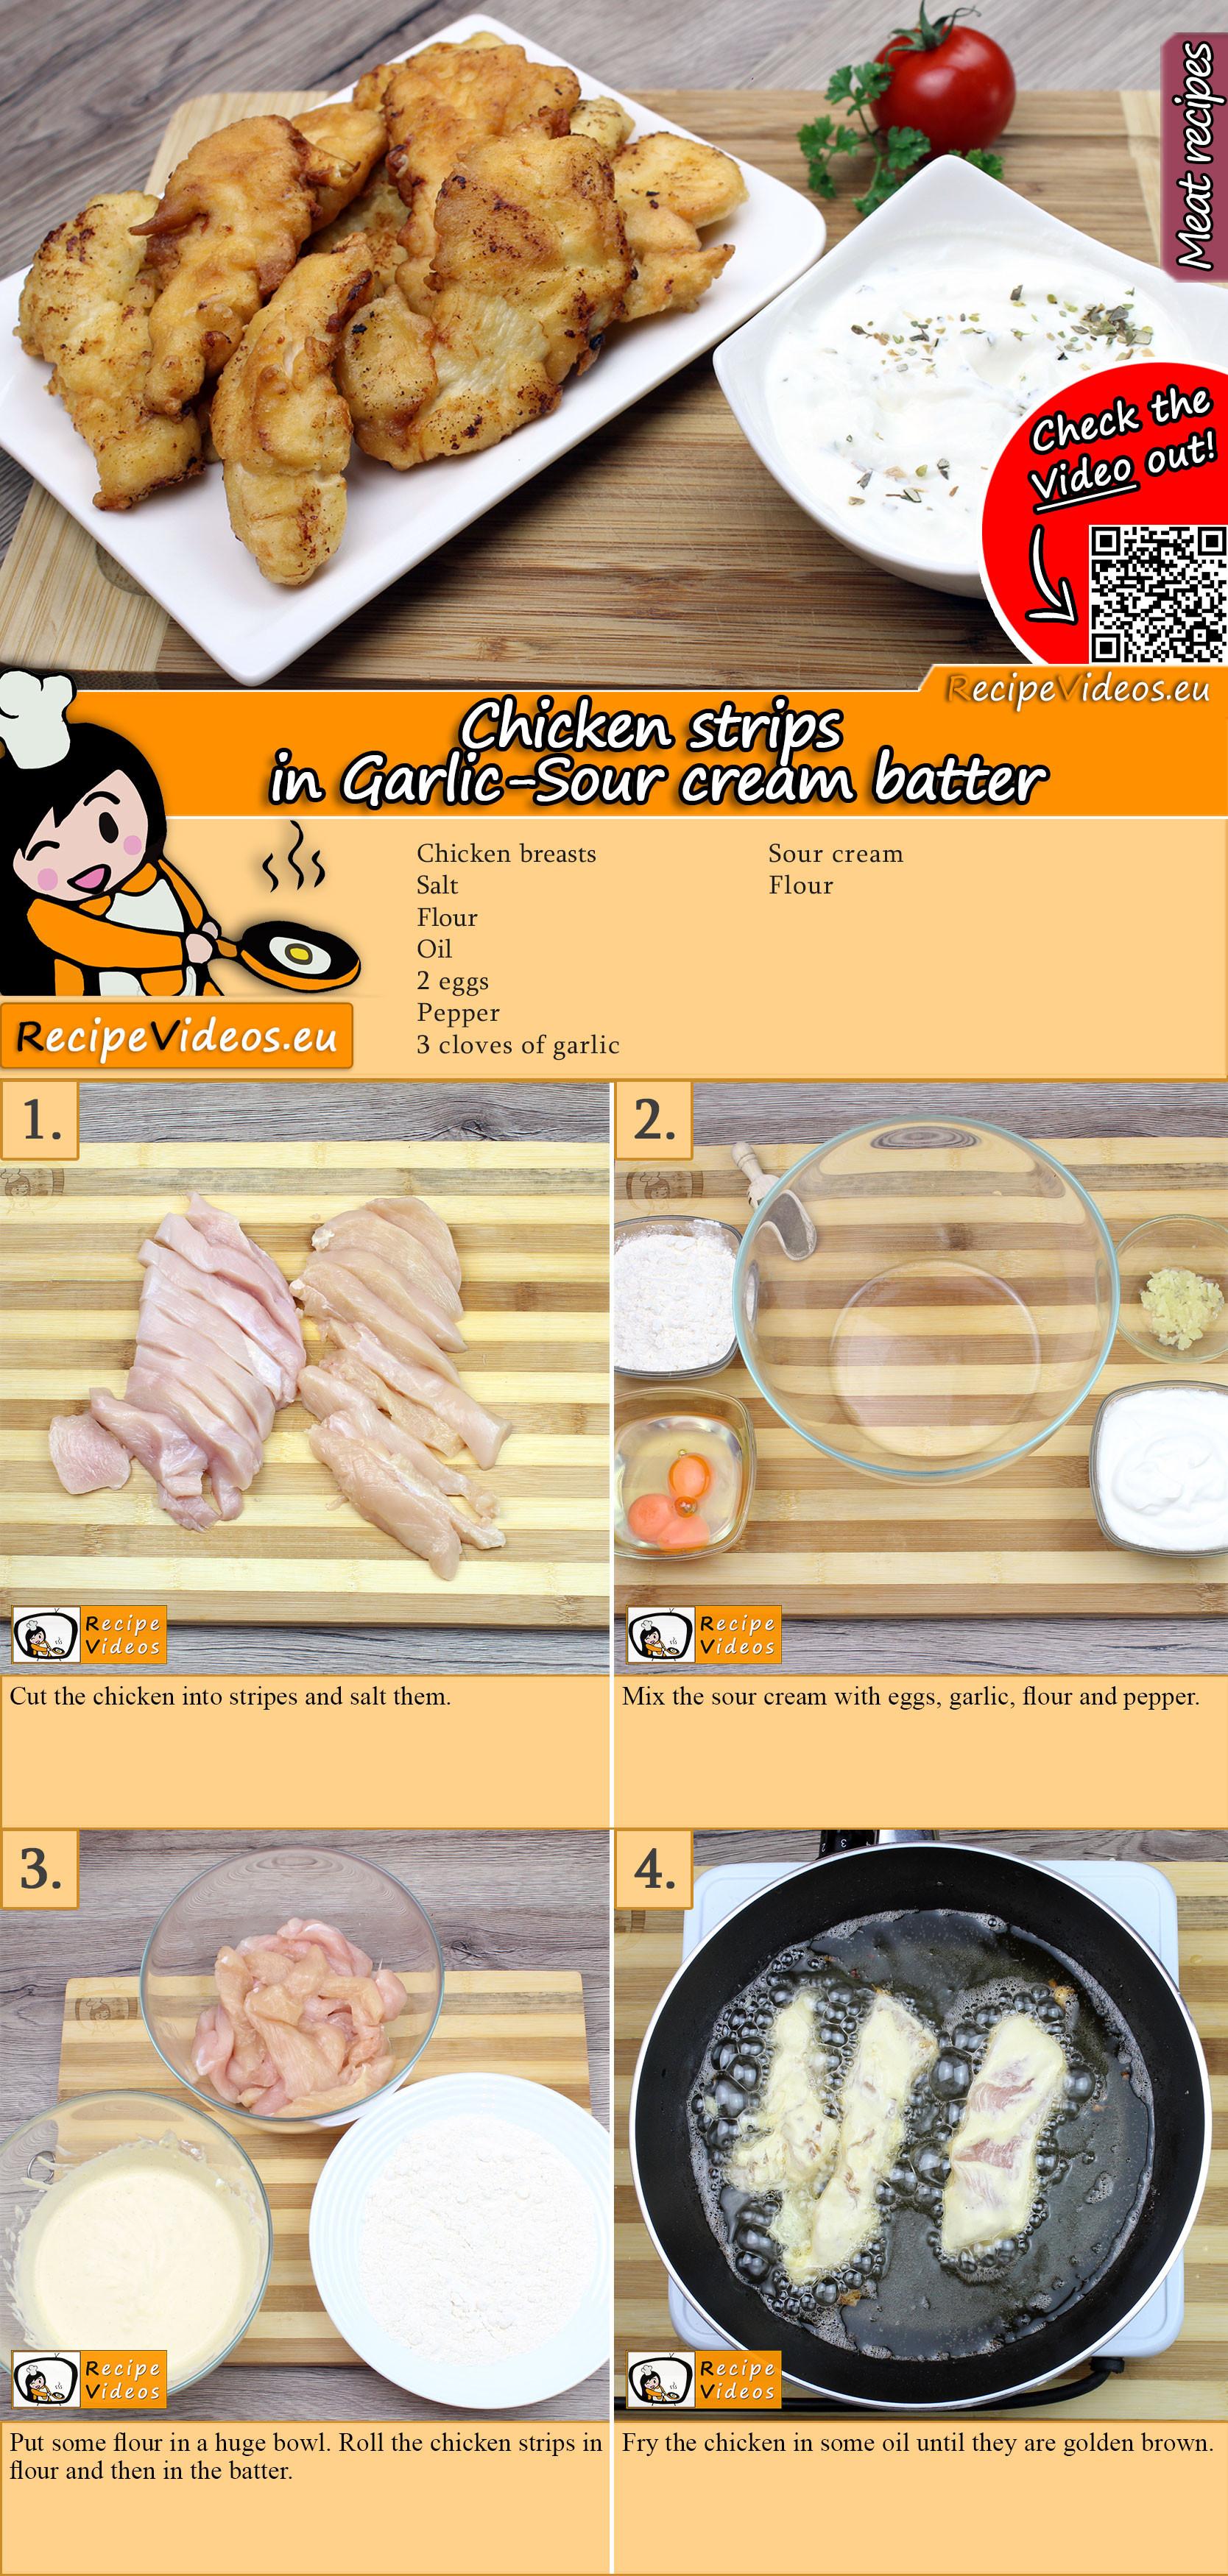 Chicken strips in Garlic-Sour cream batter recipe with video